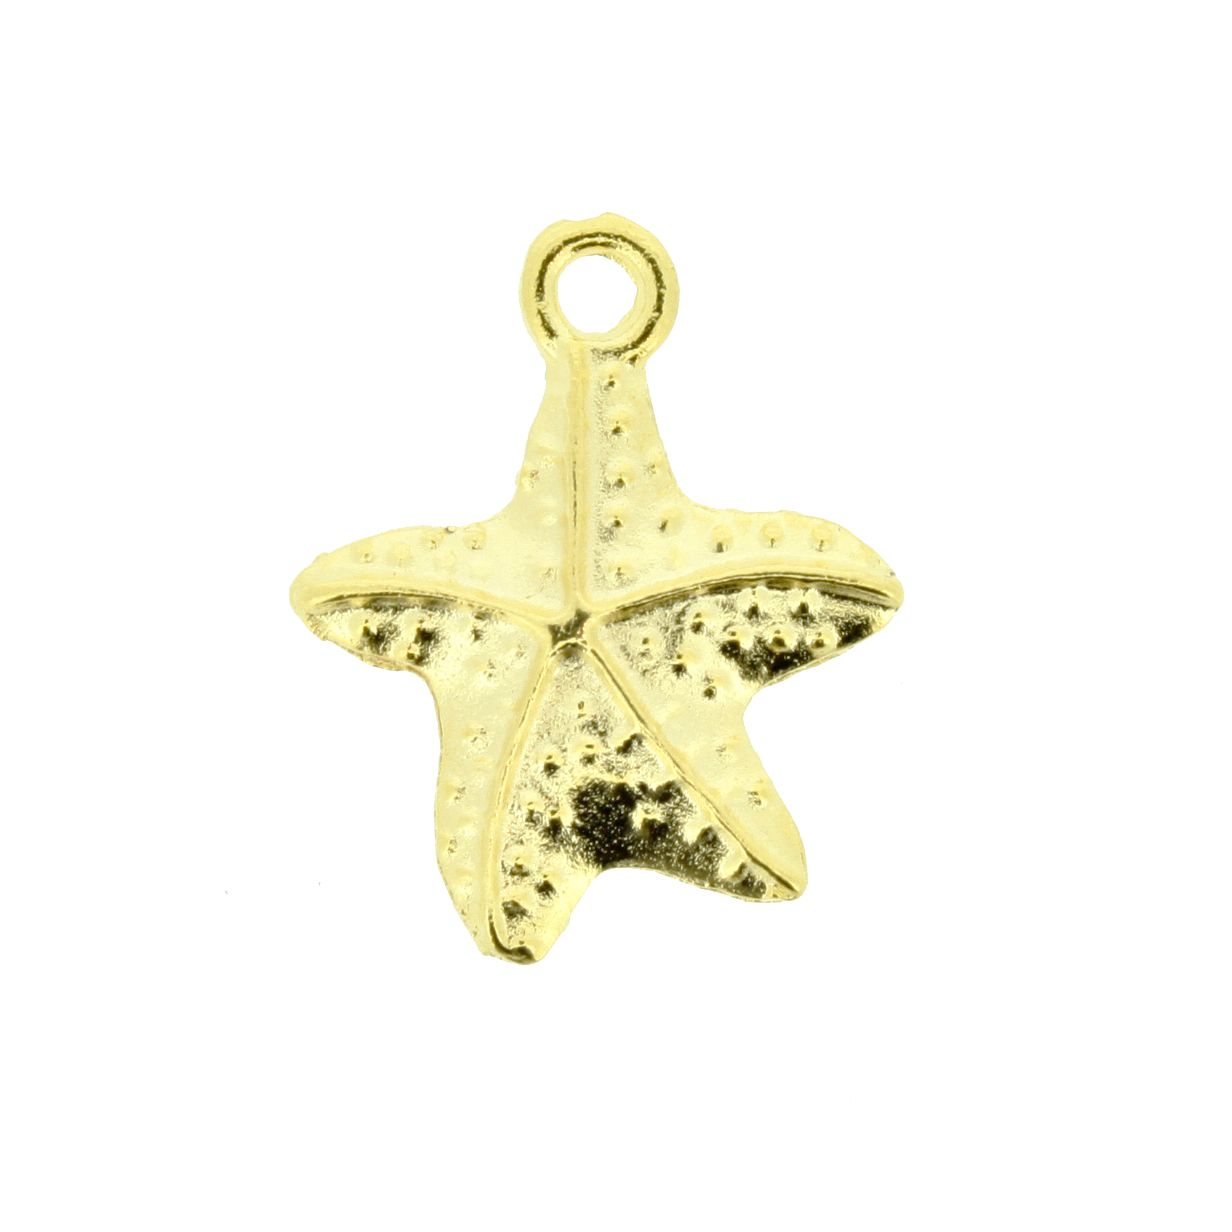 Estrela do Mar - Dourado - 21mm  - Stéphanie Bijoux® - Peças para Bijuterias e Artesanato